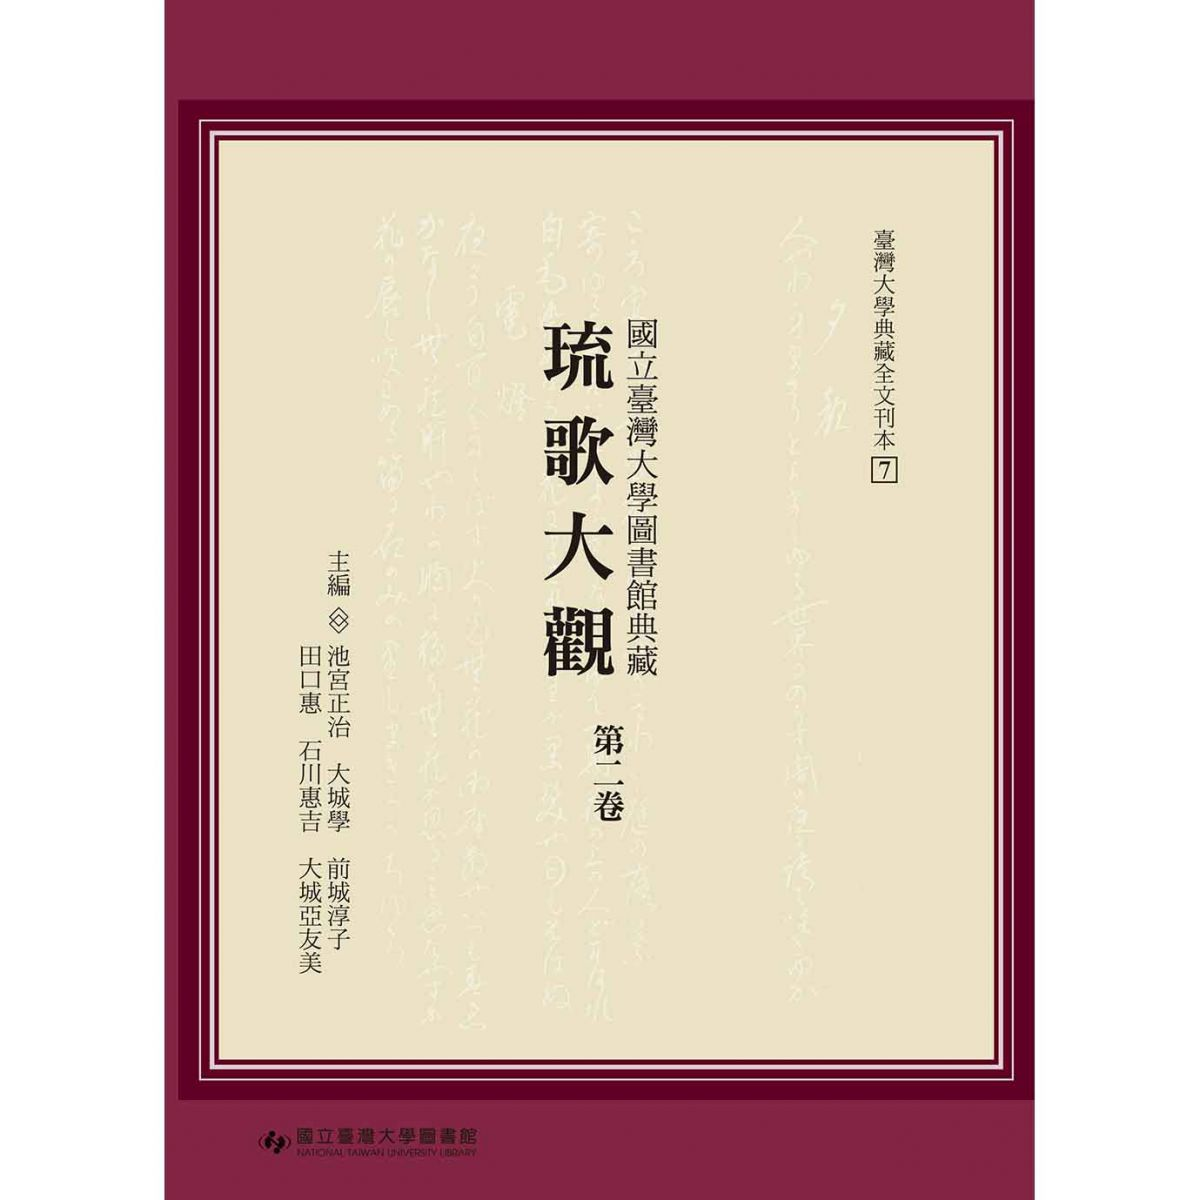 《國立臺灣大學圖書館典藏琉歌大觀(第二卷)》出版